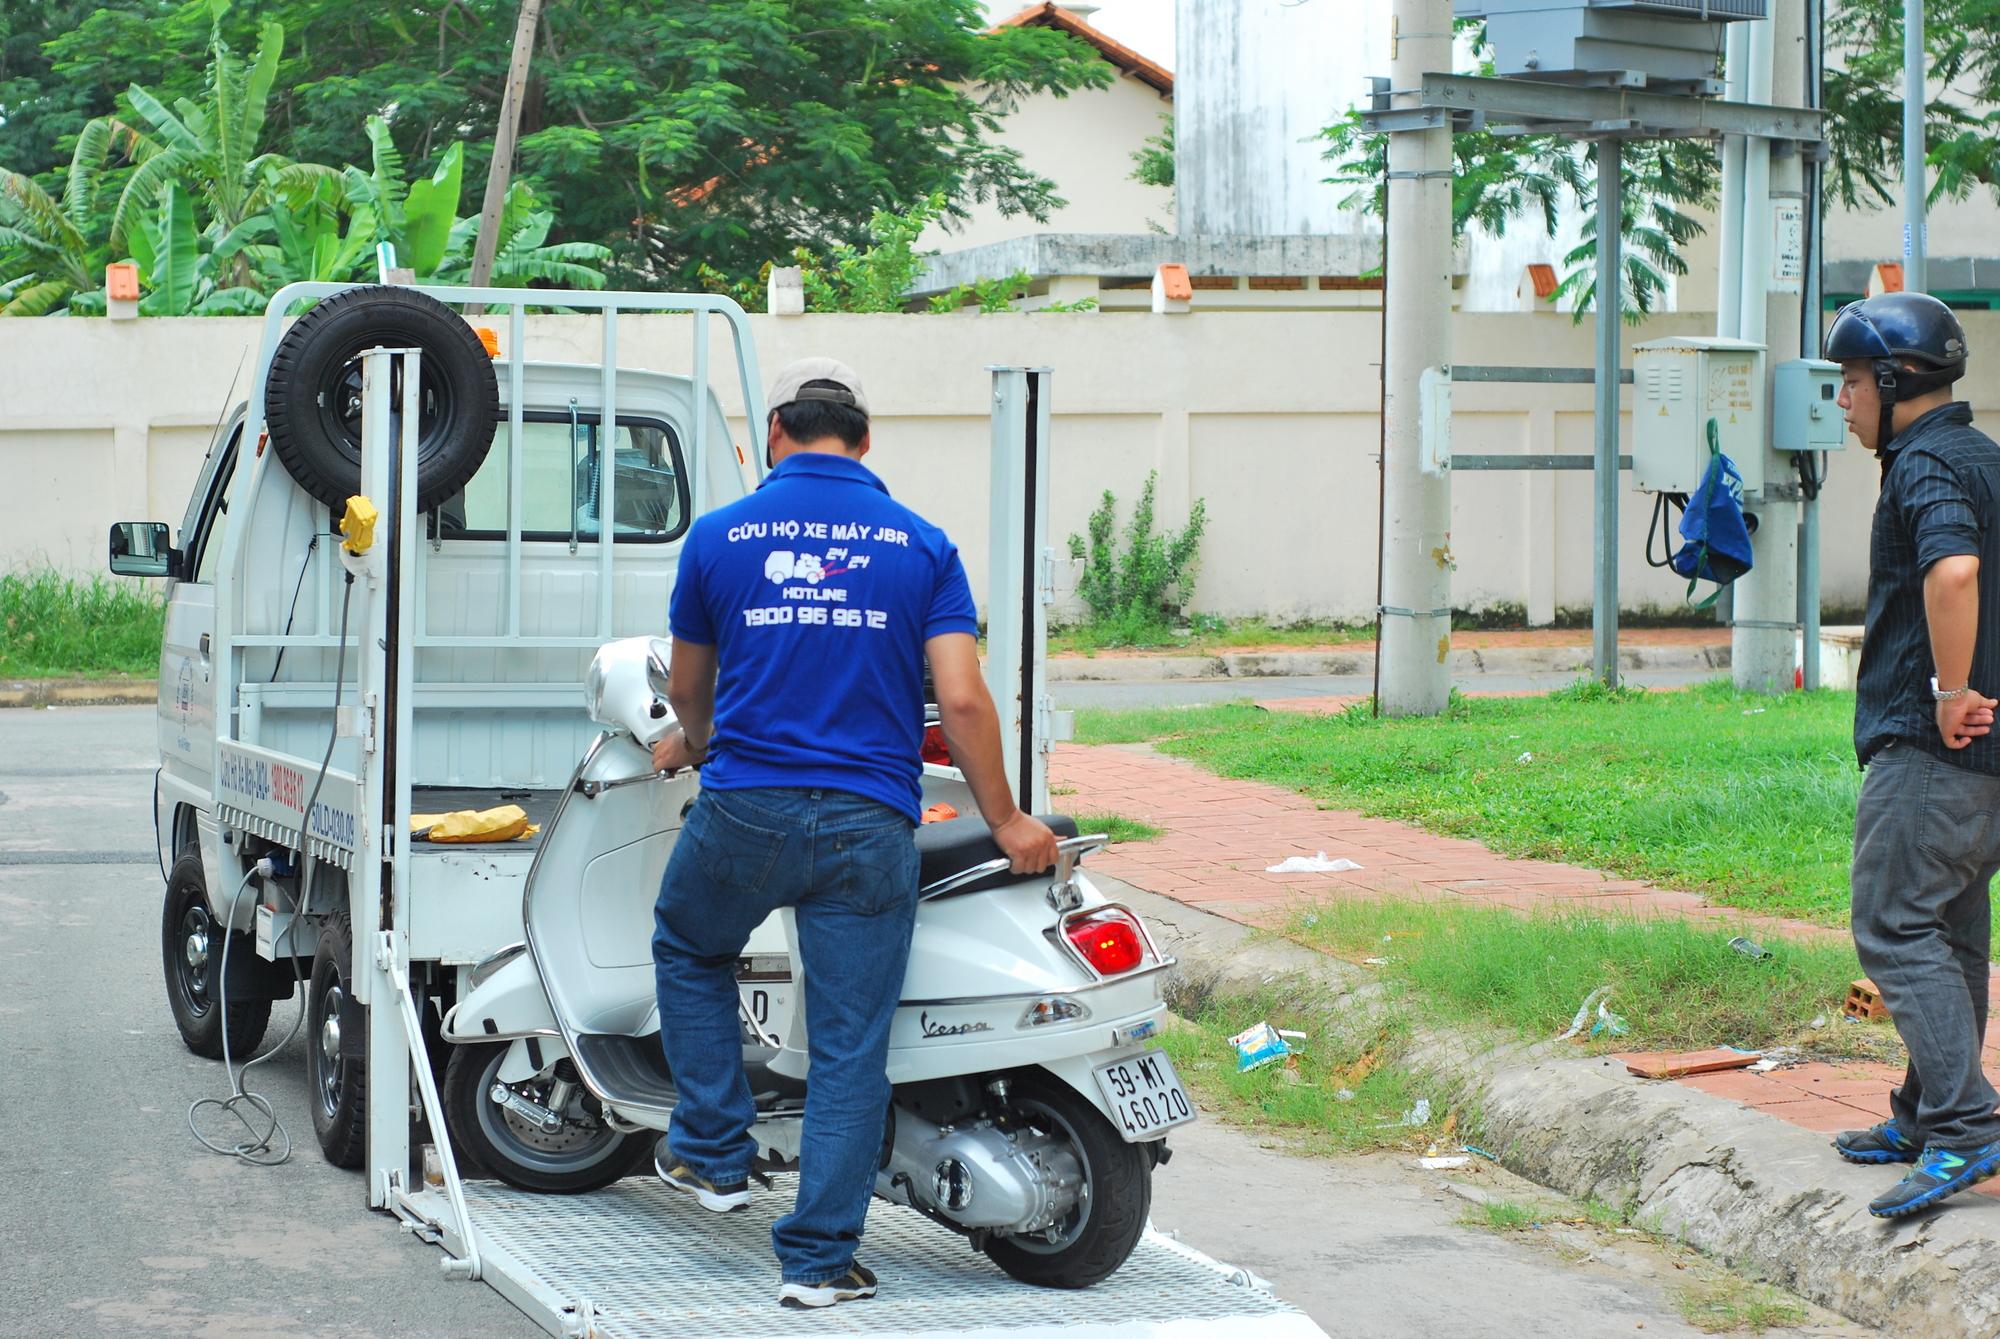 JBR cung cấp dịch vụ cứu hộ xe máy 24/24